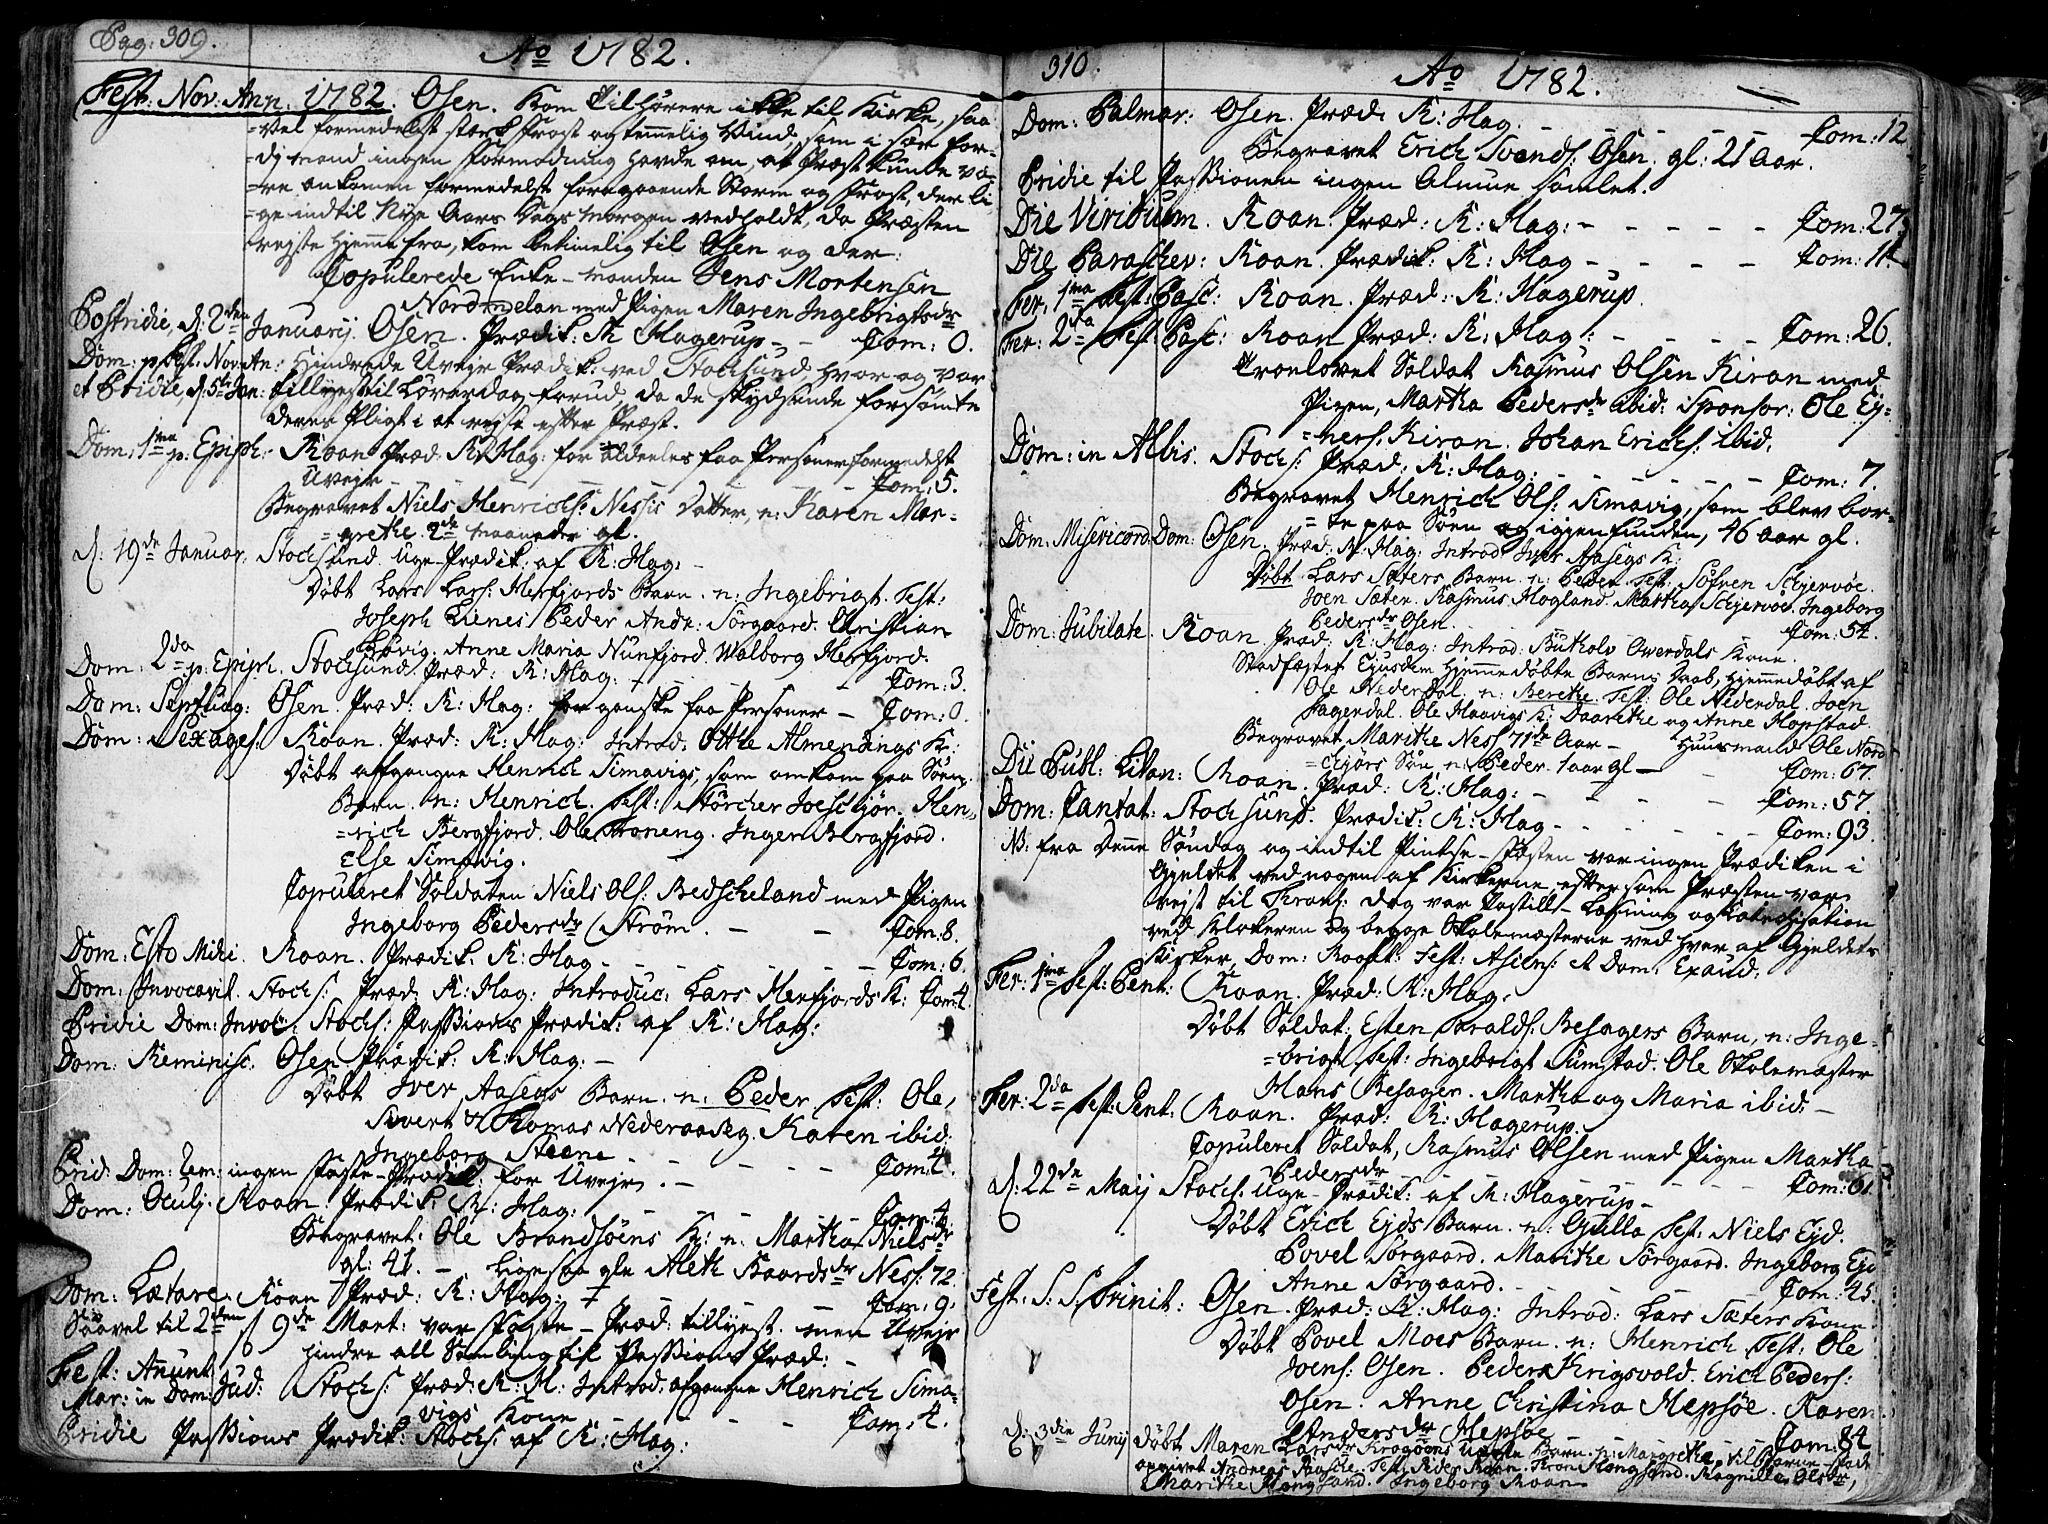 SAT, Ministerialprotokoller, klokkerbøker og fødselsregistre - Sør-Trøndelag, 657/L0700: Ministerialbok nr. 657A01, 1732-1801, s. 309-310